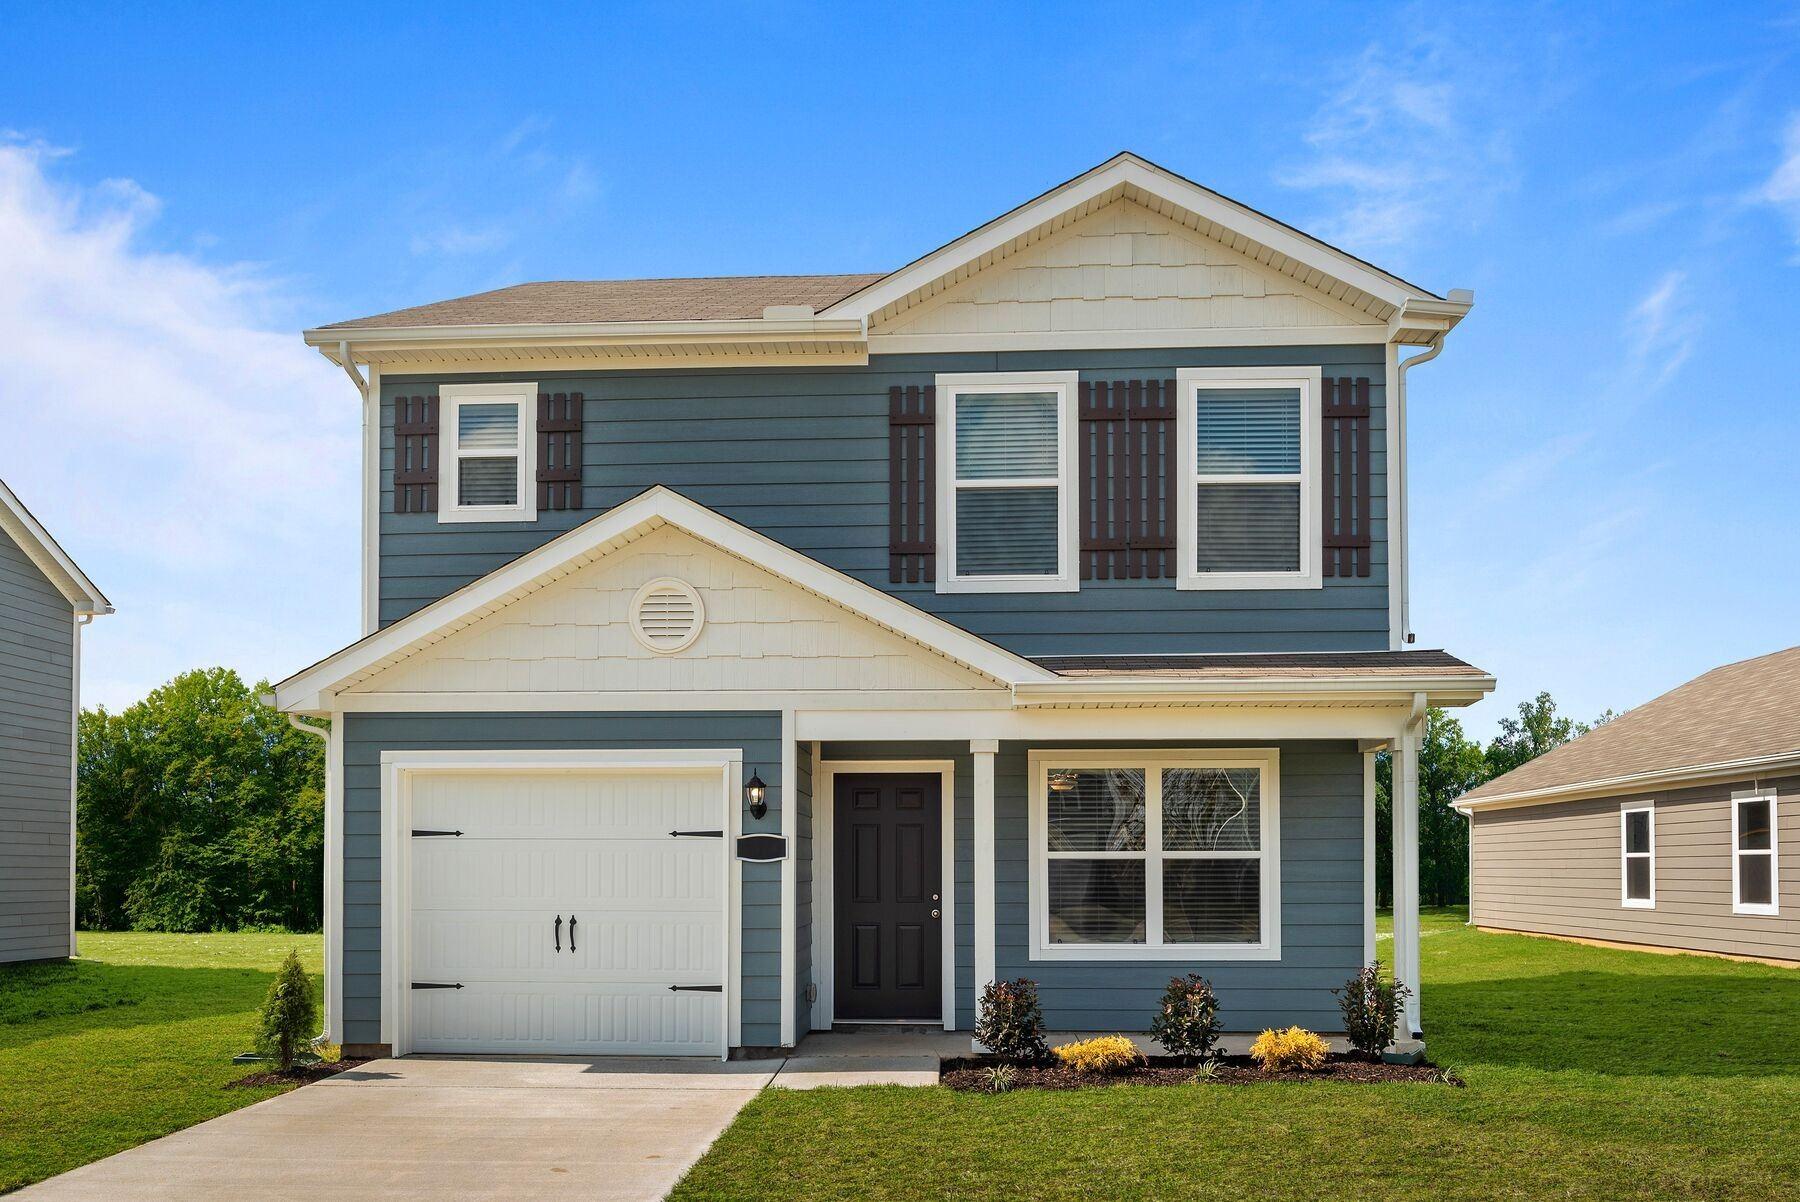 3718 Spahn Ln, Murfreesboro, TN 37128 - MLS#: 2168646